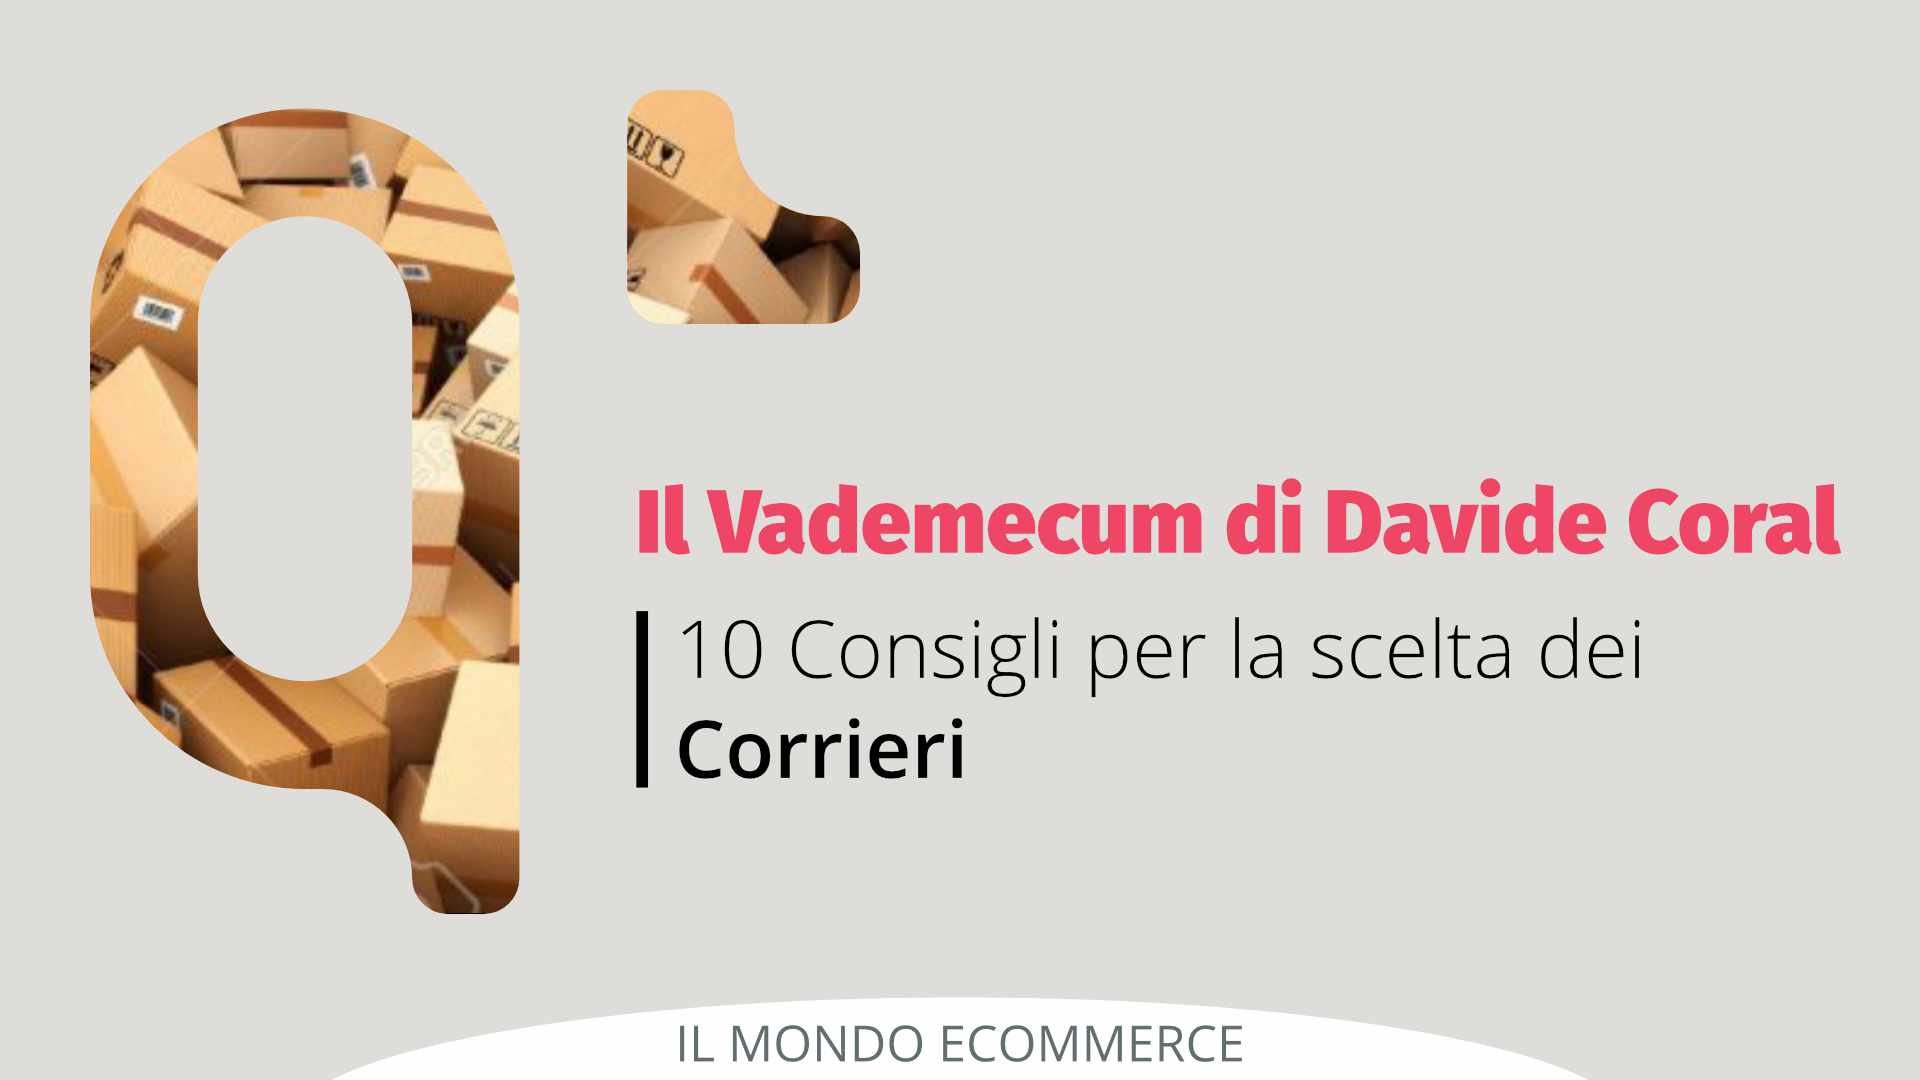 Davide Coral